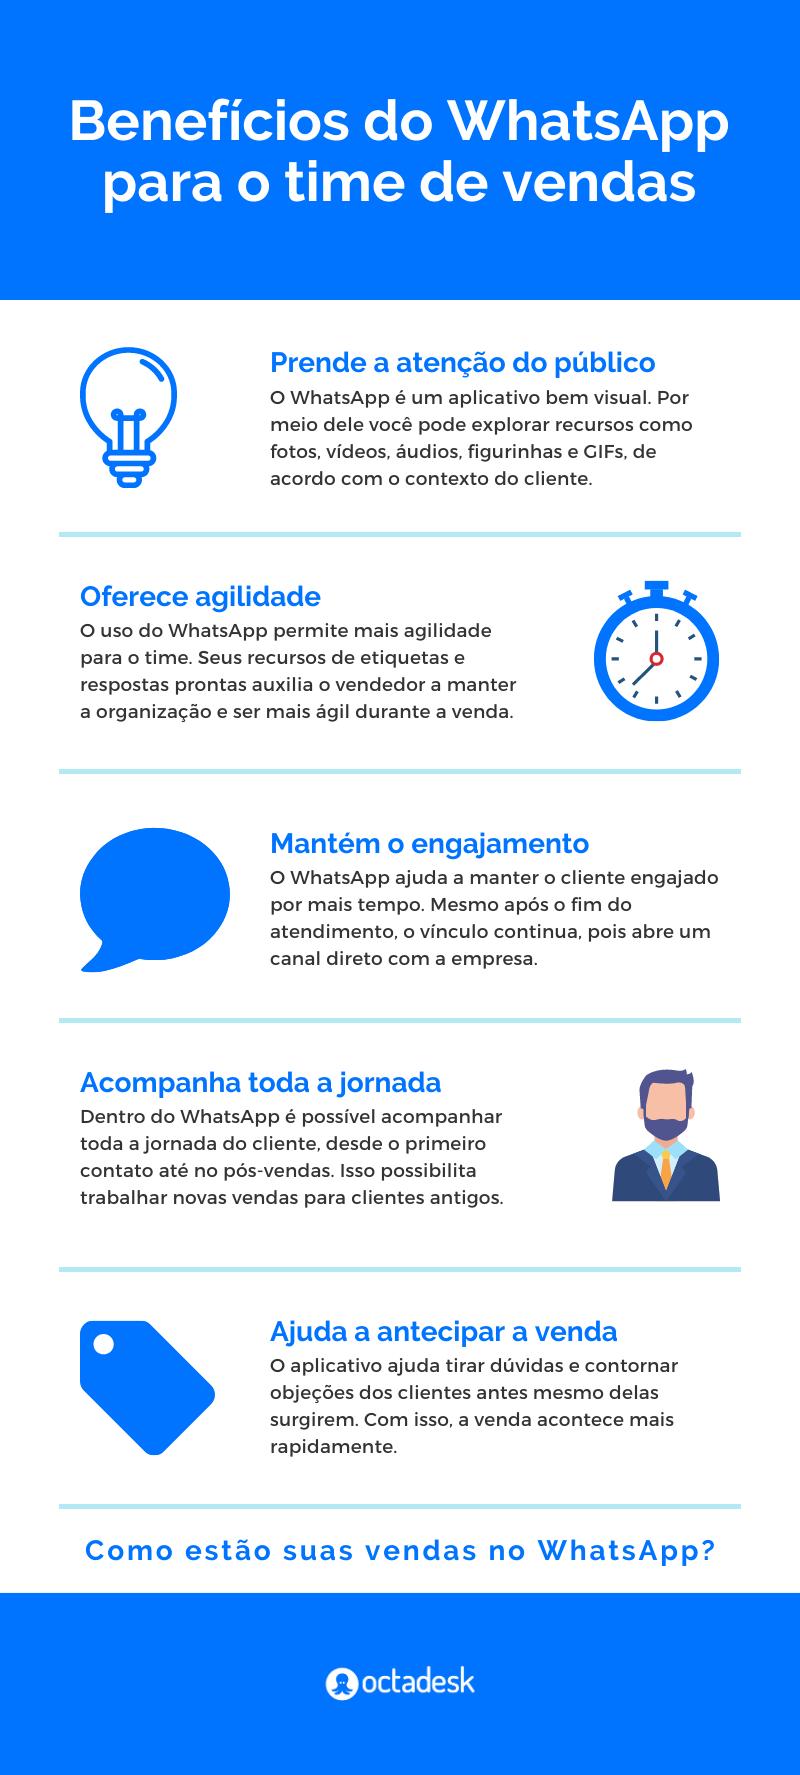 Infográfico mostrando os benefícios de vendas pelo WhatsApp